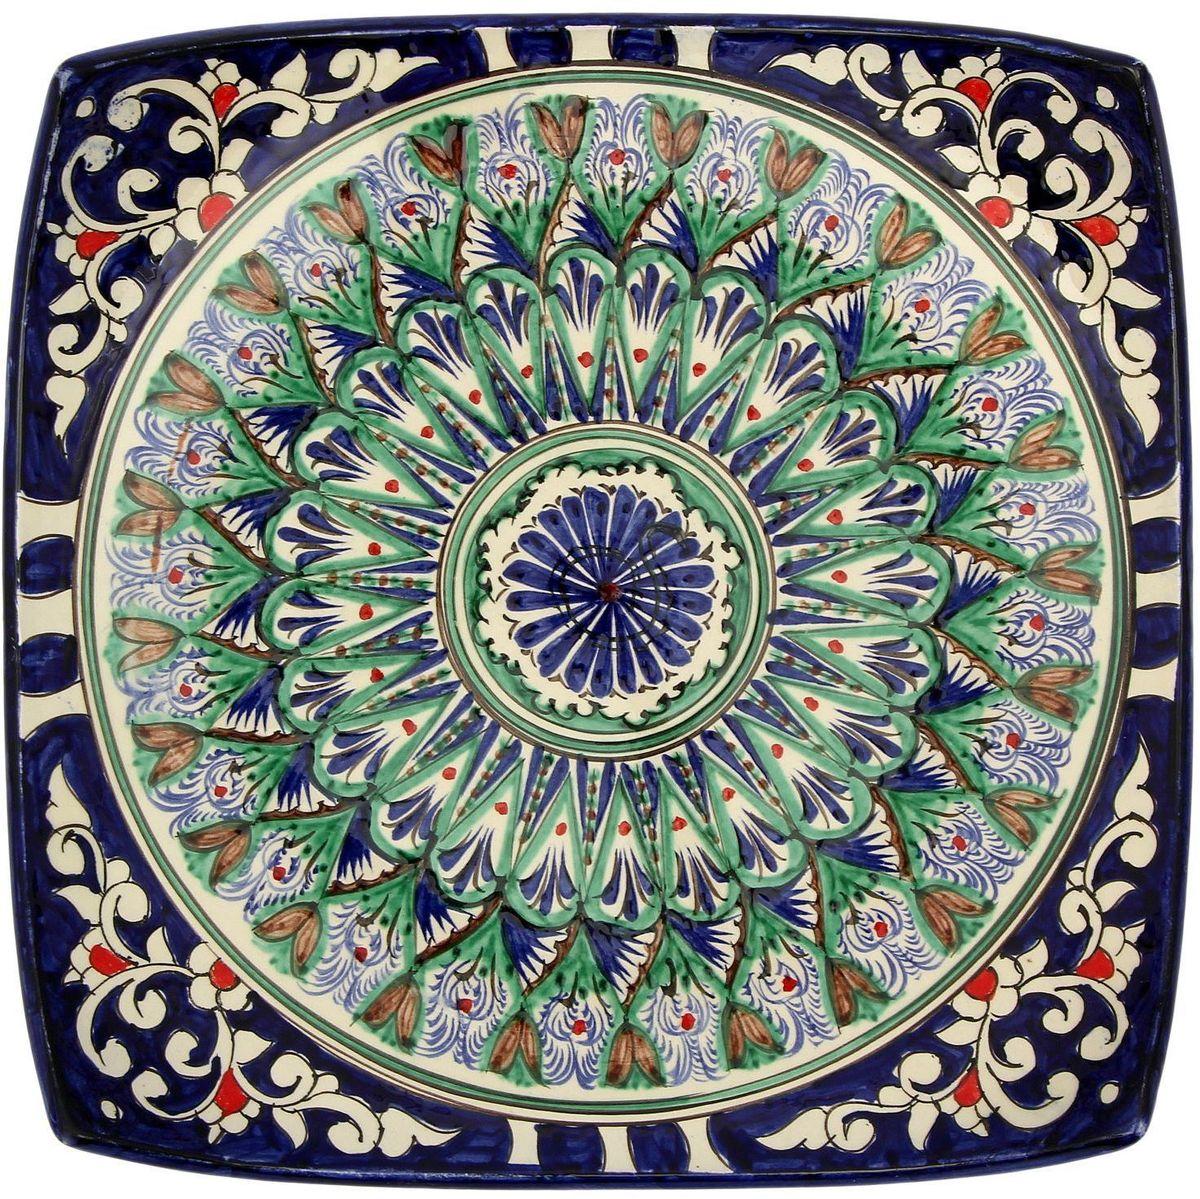 Ляган Риштанская керамика, 31 х 31 см. 21580002158000Ляган — это не просто обеденный атрибут, это украшение стола. Посуда с национальной росписью станет отменным подарком для ценителей высокородной посуды.Риштан — город на востоке Узбекистана, один из древнейших в Ферганской долине. С давних времён Риштан славится своим гончарным искусством изготовления цветной керамики. Красноватую глину для изделия добывают в самом городе. Мастера утверждают, что их глина настолько высокого качества, что даже не нуждается в предварительной обработке. Дополните коллекцию кухонных аксессуаров пряными восточными нотами.